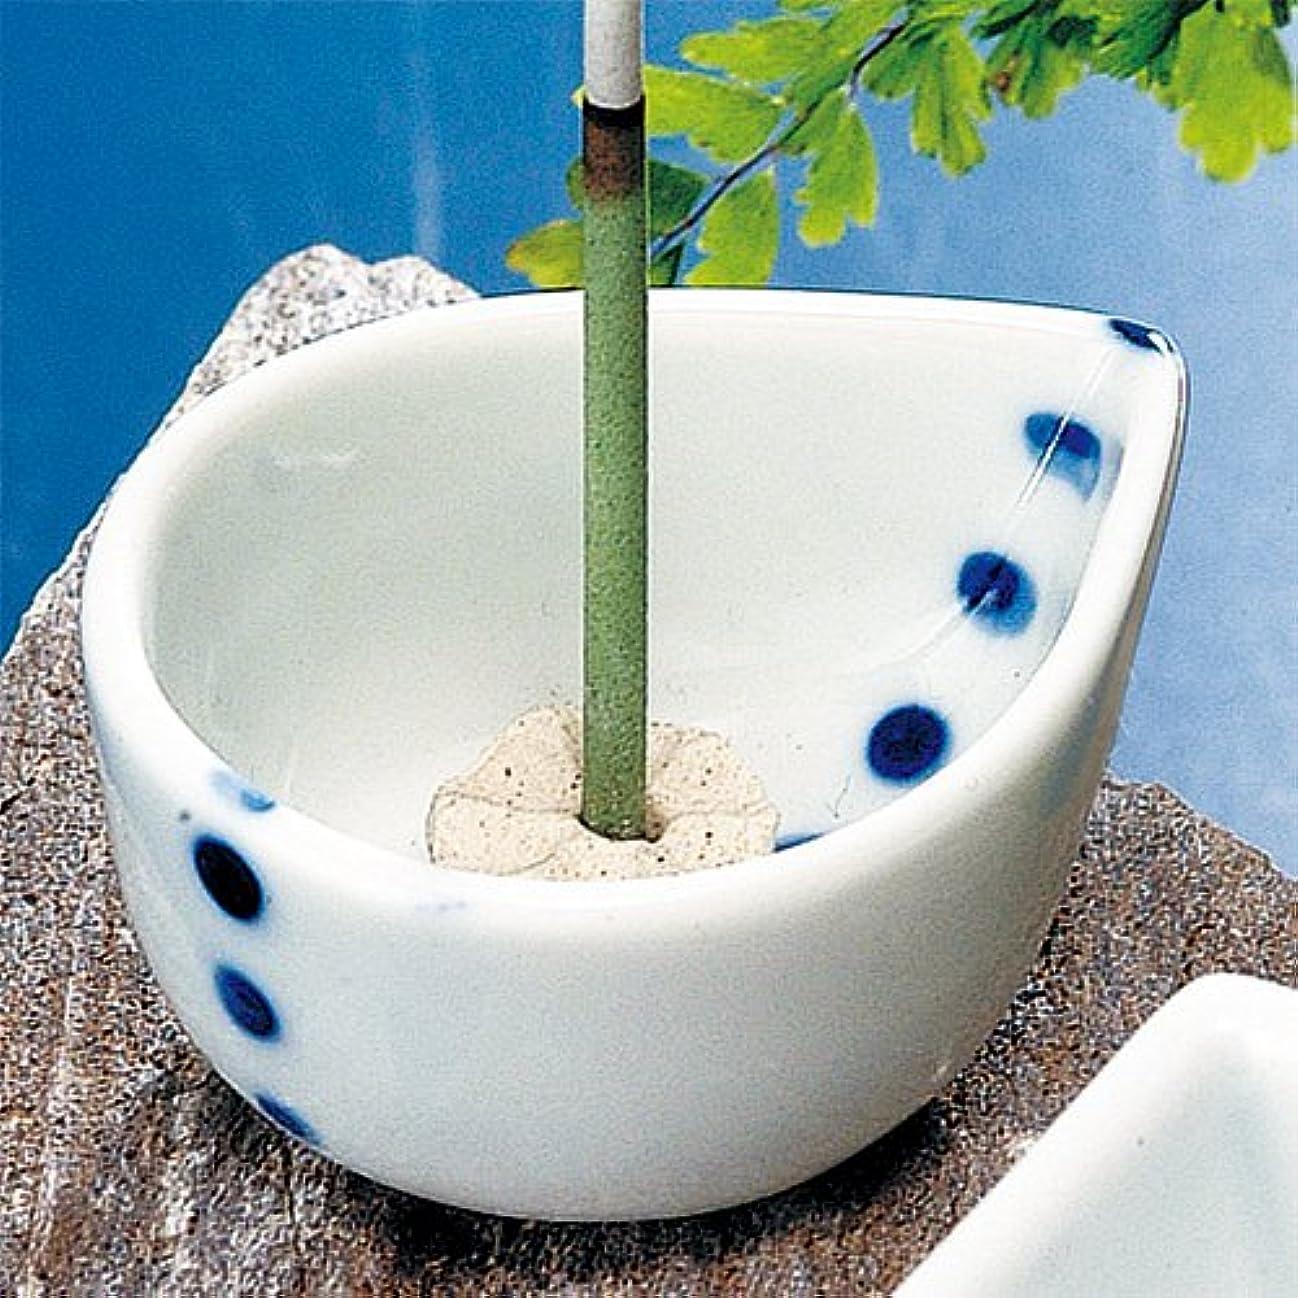 安定した透けて見える工業化する香皿 水玉 ミニ香立鉢(香玉付) 花びら [5.5x4.5xH2.5cm] プレゼント ギフト 和食器 かわいい インテリア